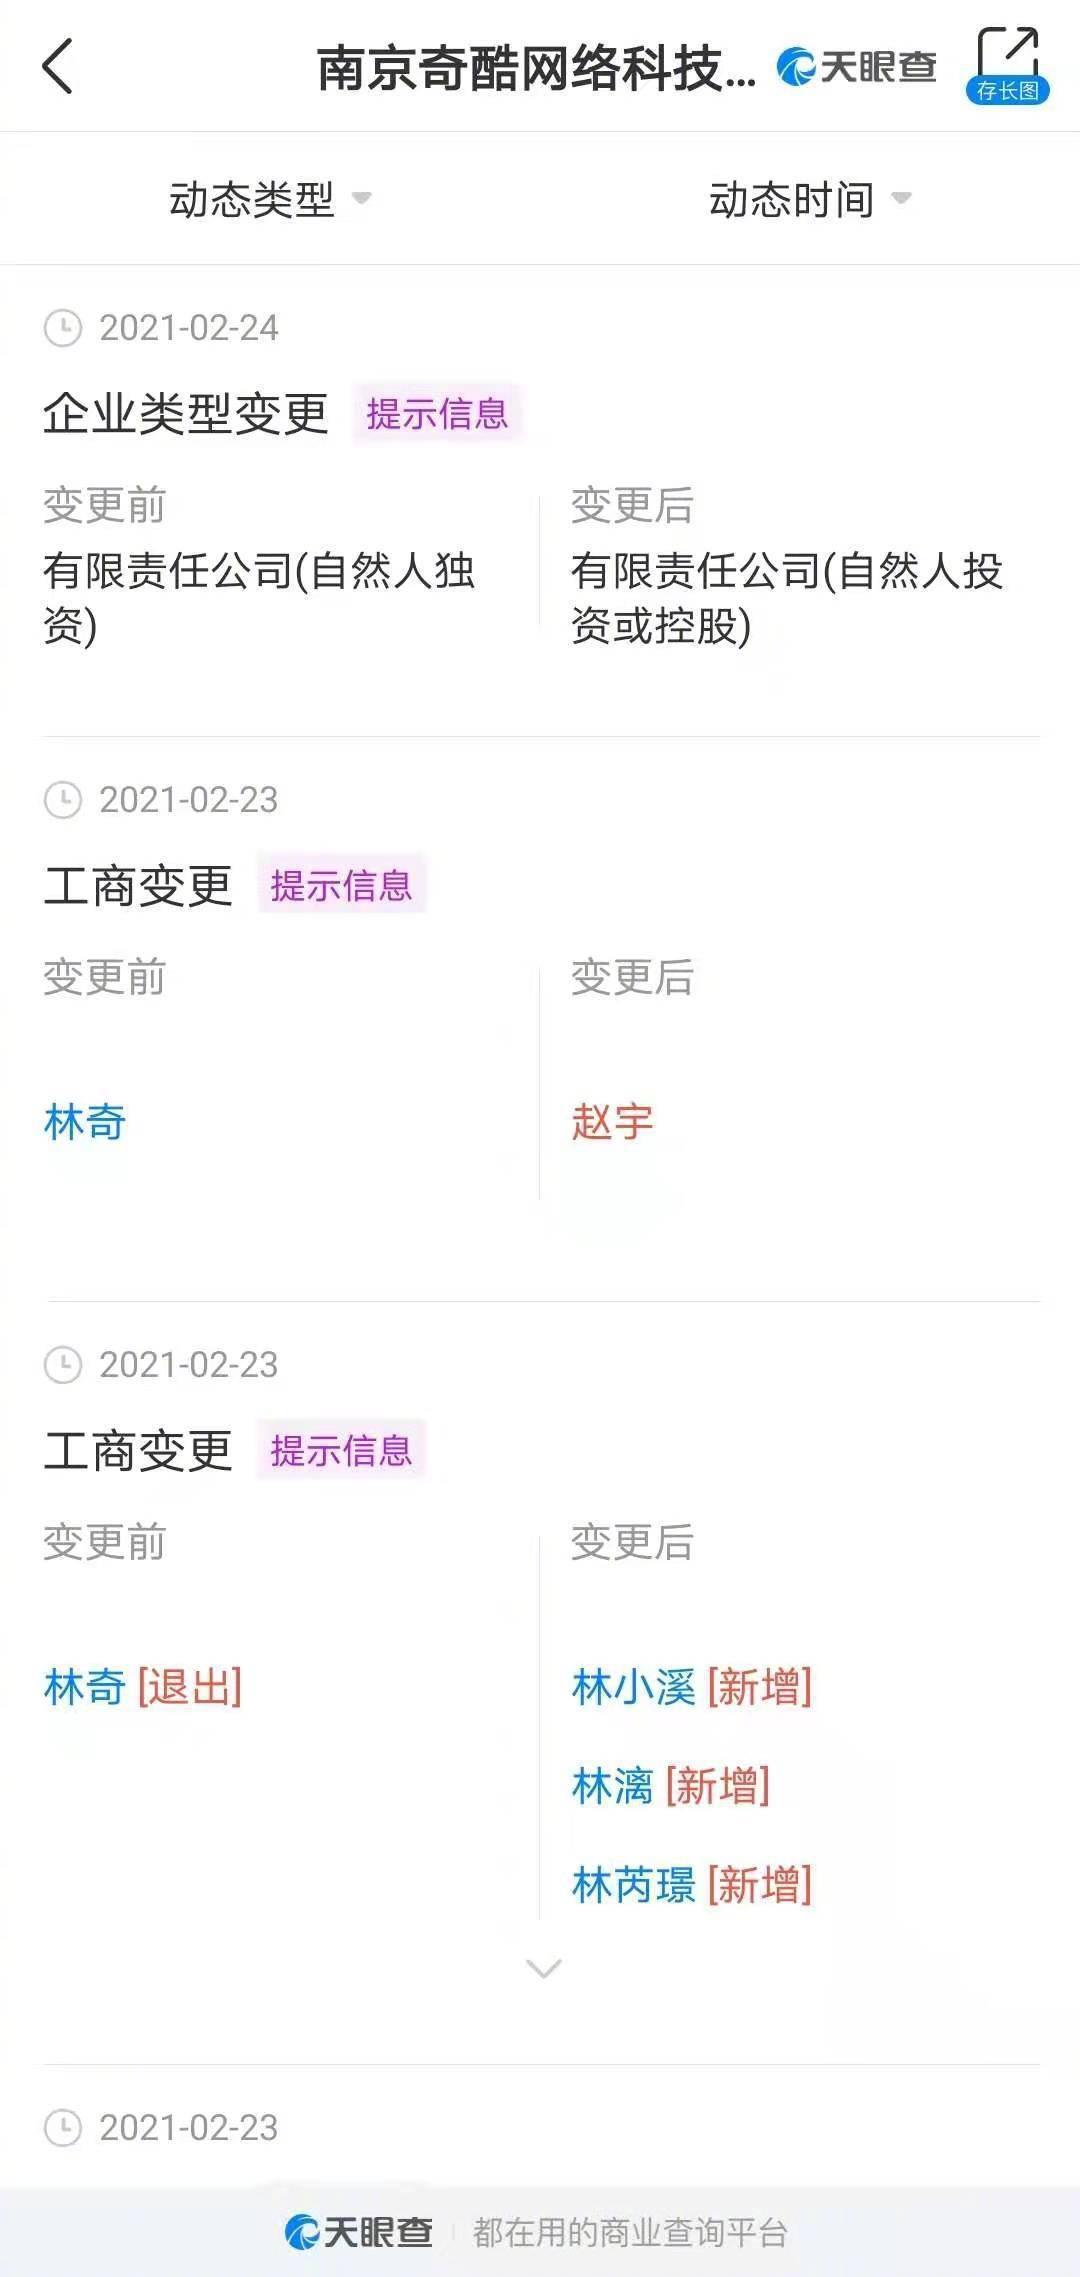 林奇3名未成年子女成南京奇酷网络股东 ,非婚生子已提起继承权诉讼